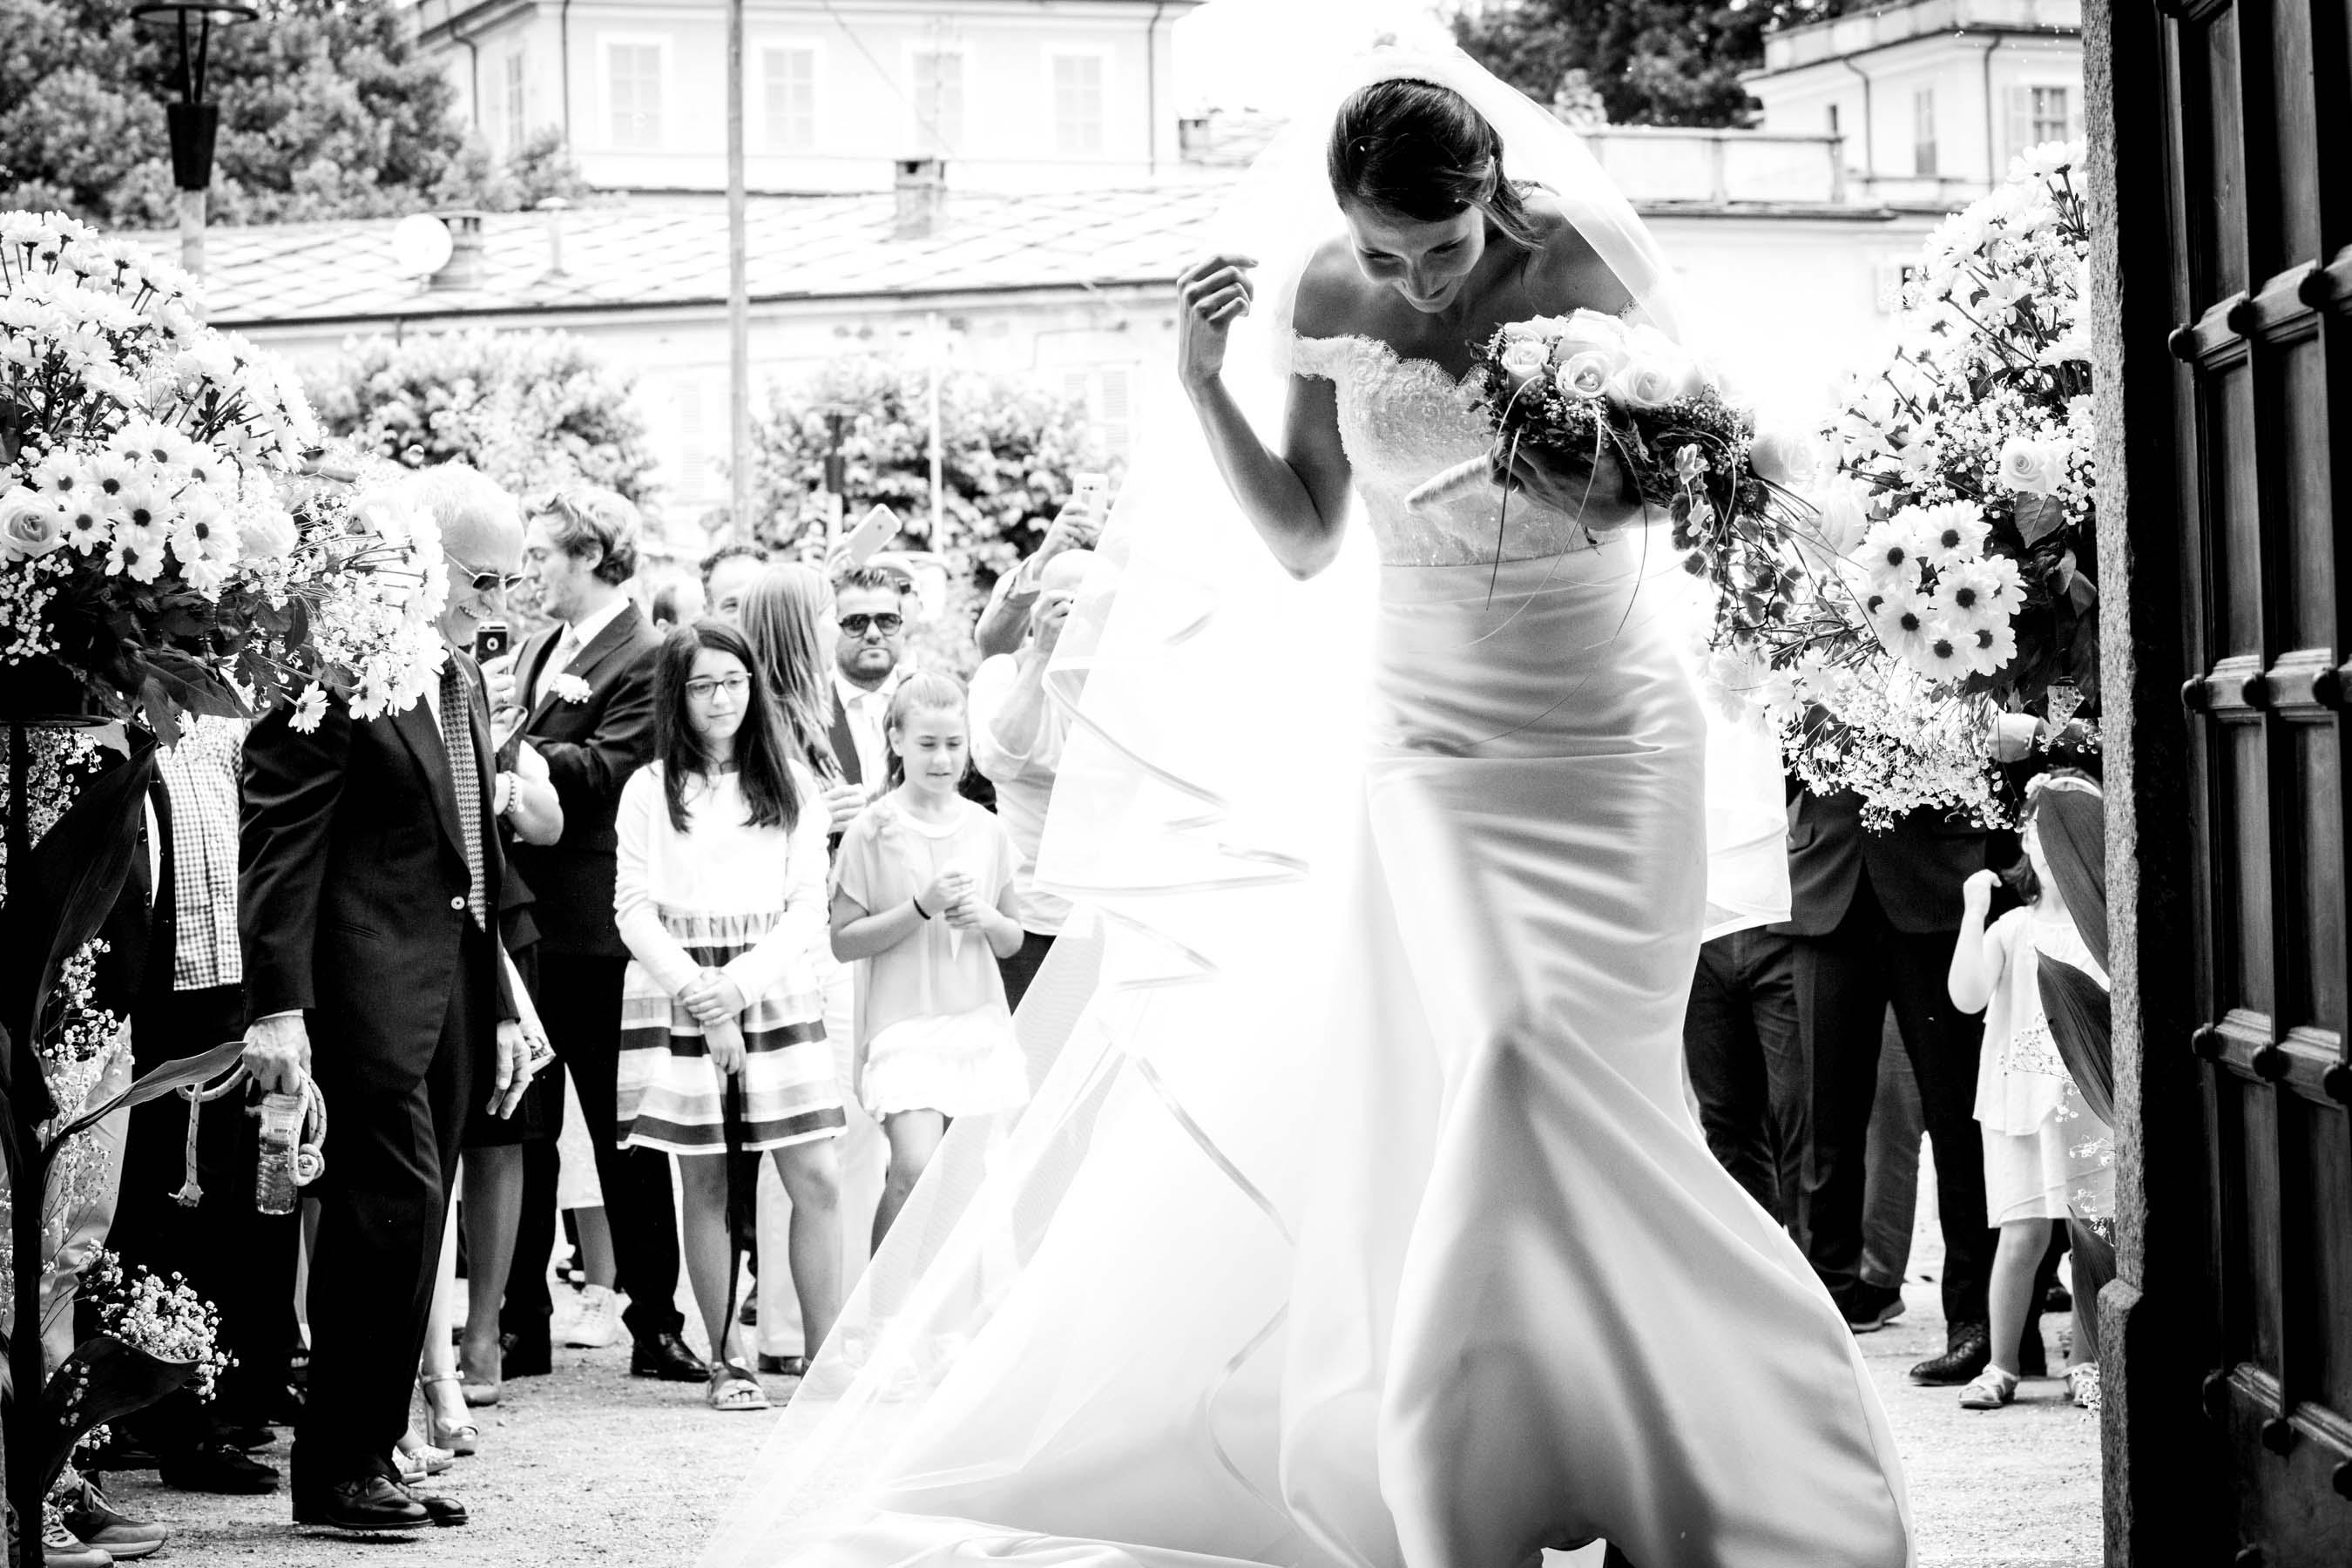 art foto_torino_monica sica photography_la vià _cavour_ fotografo matrimonio_torino-33